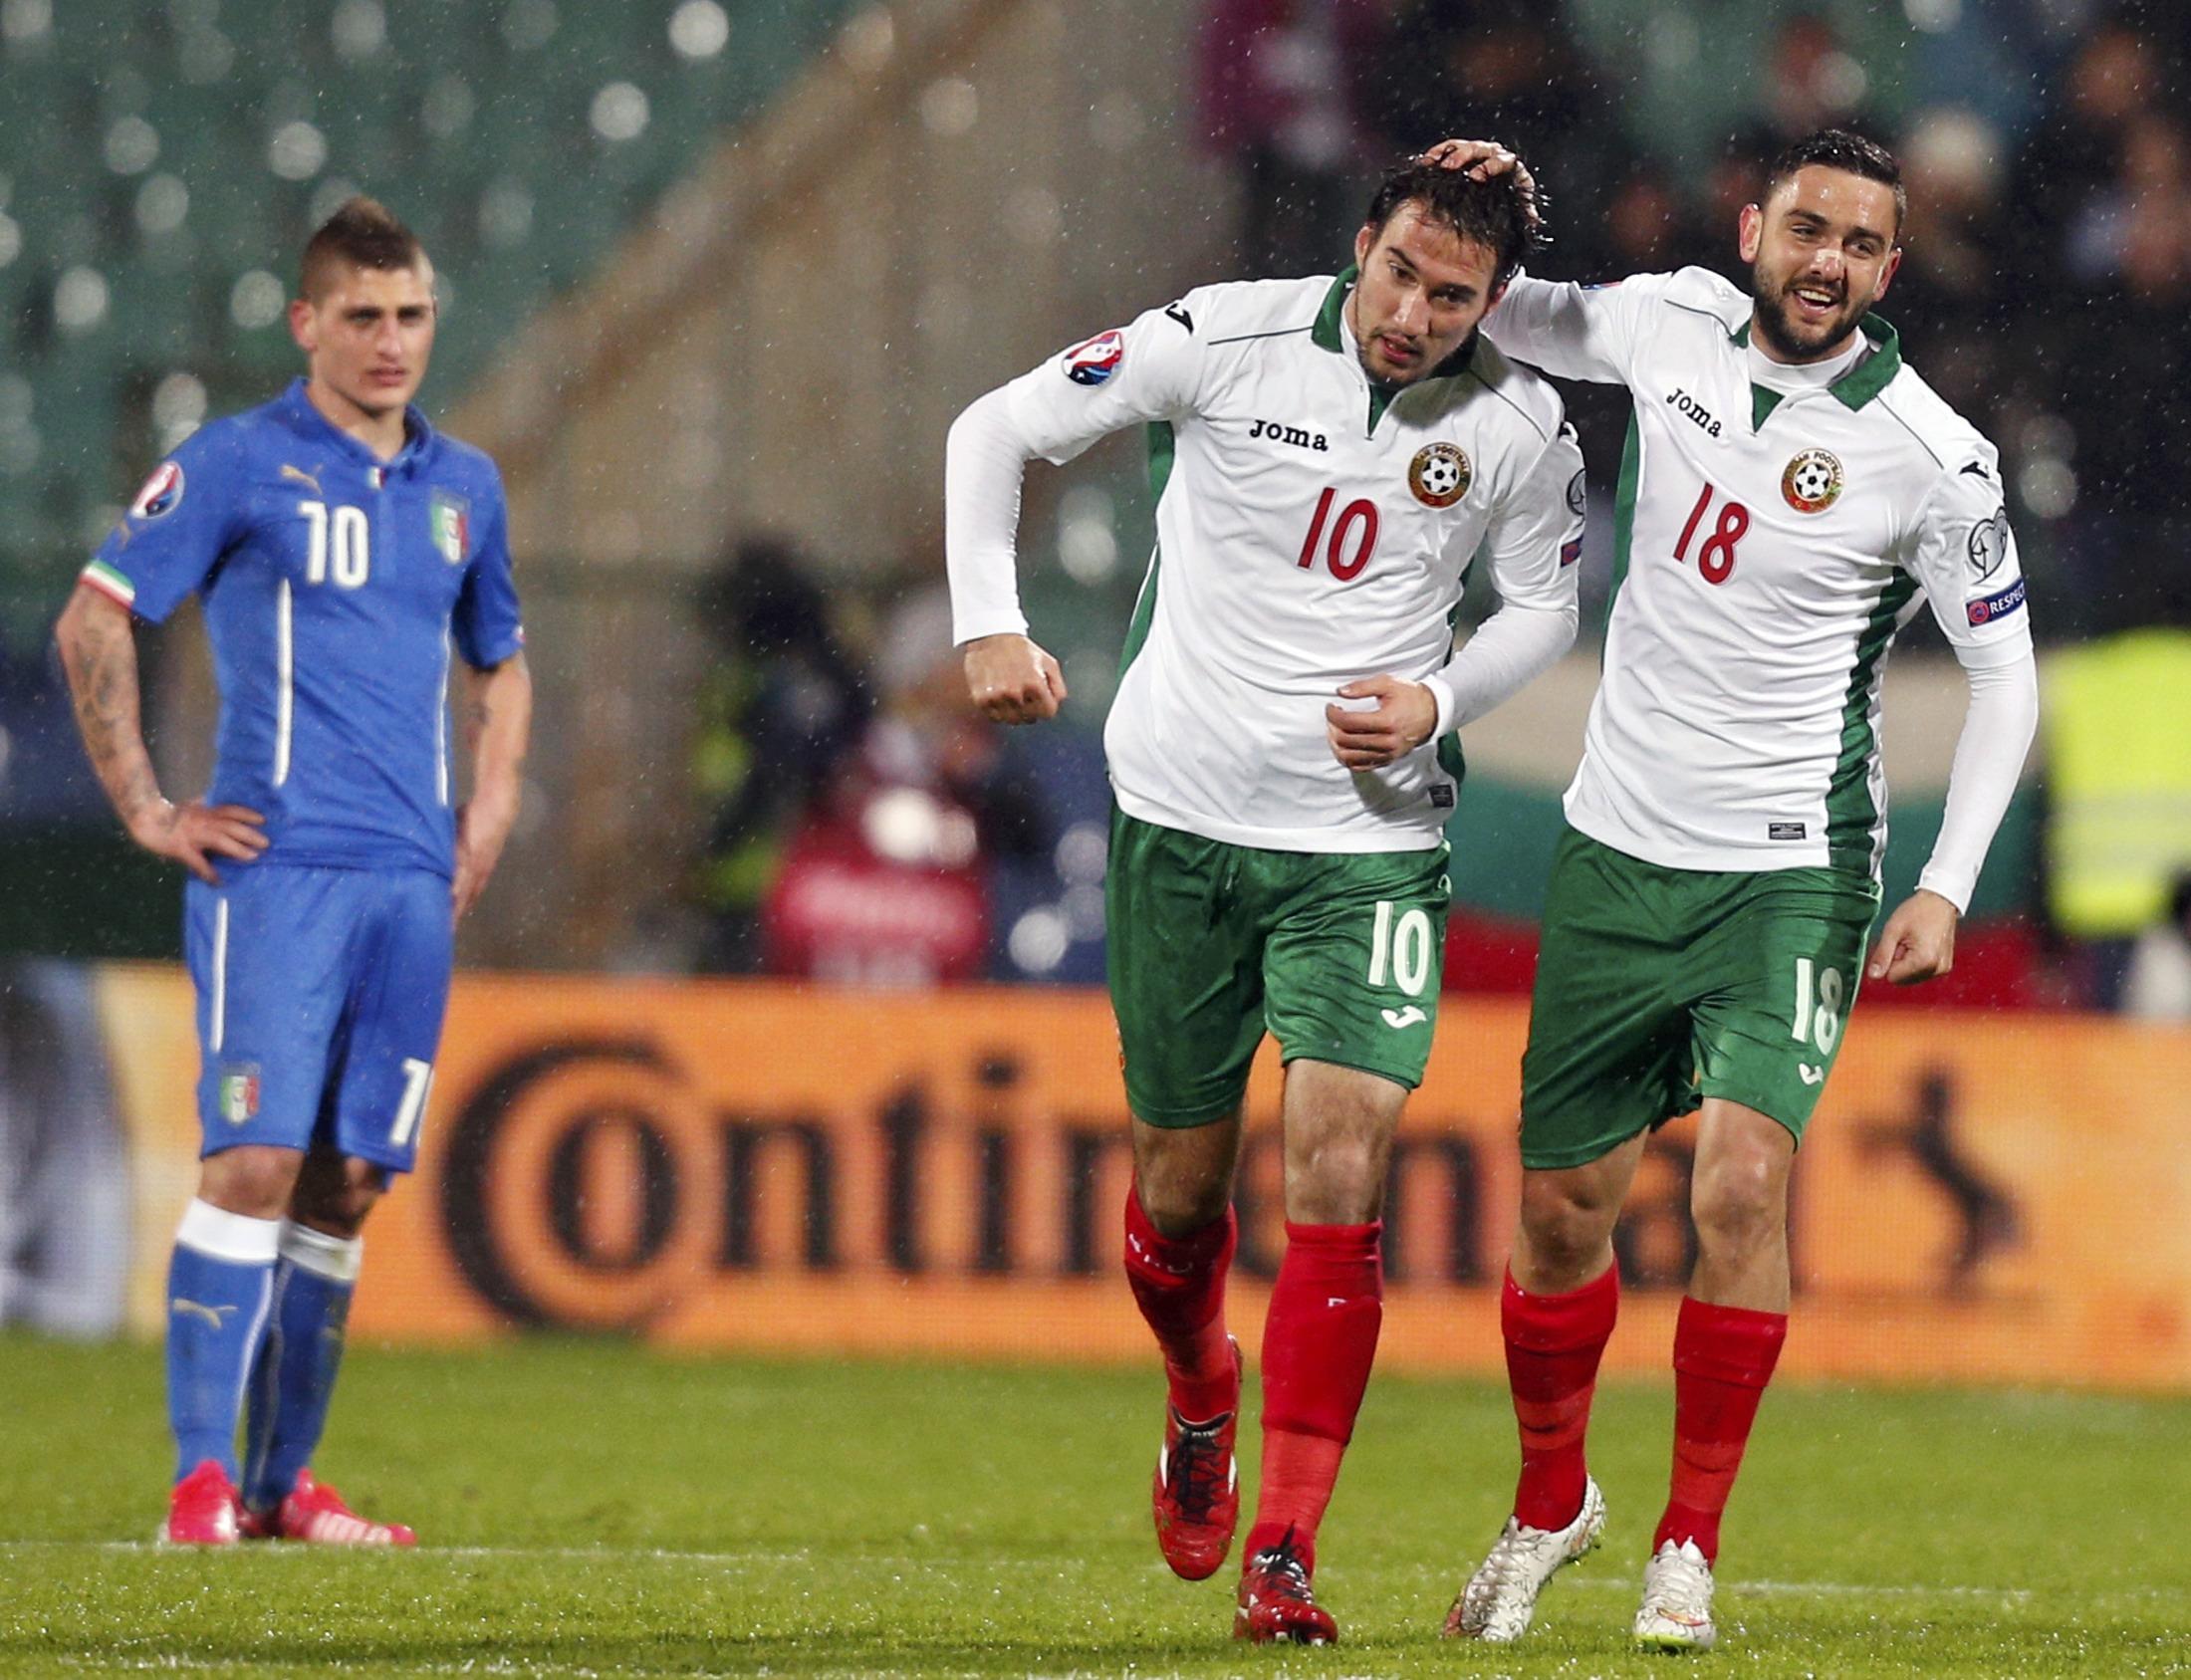 Il numero 10 Popov, pericolo numero uno per l'Italia.